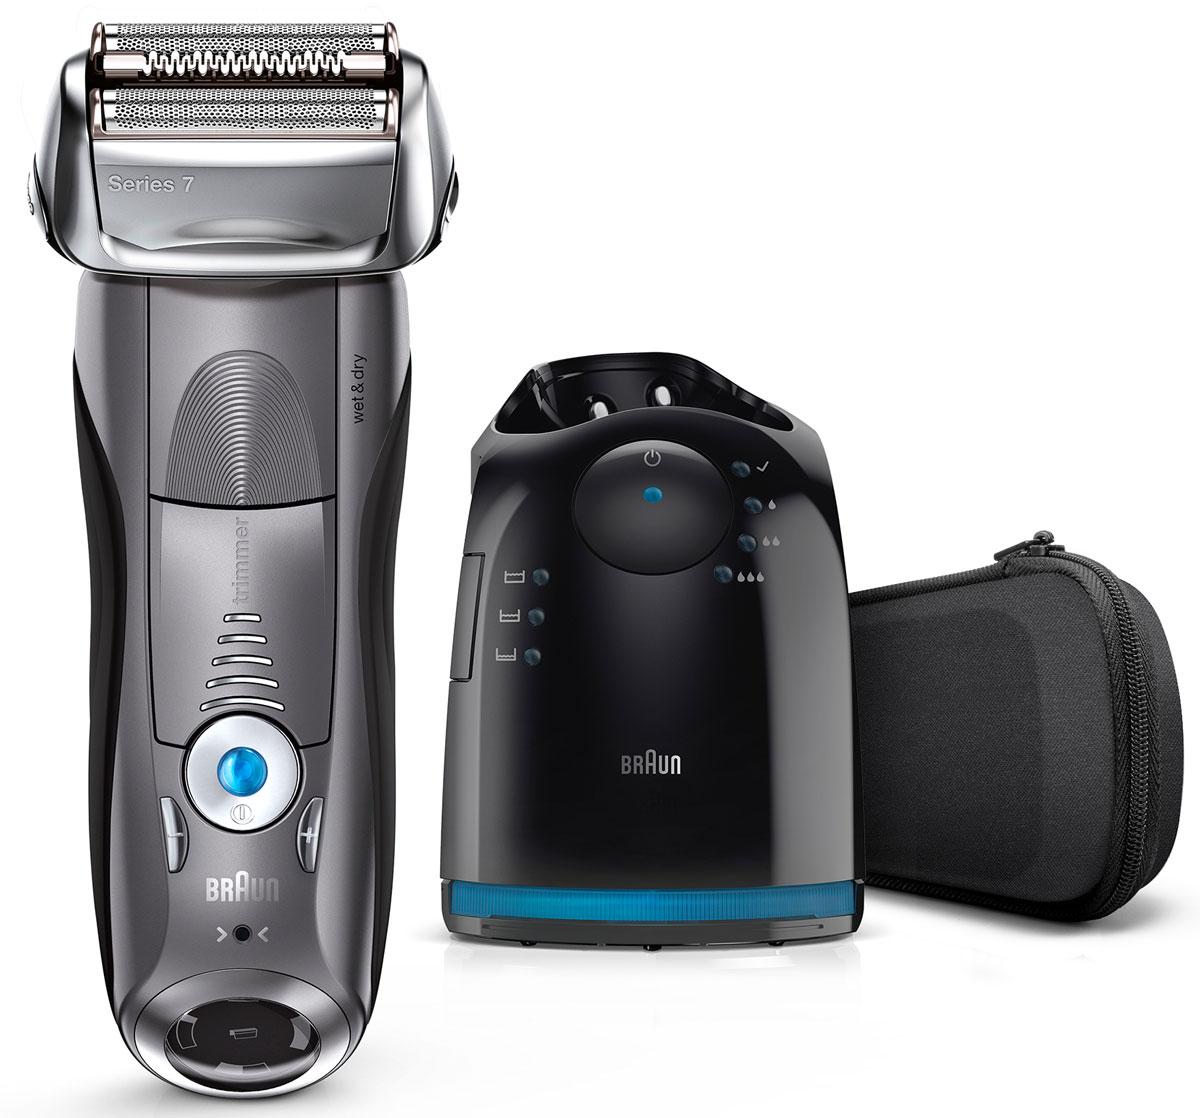 Braun Series 7 7865cc Wet&Dry, Grey электробритва81576297Braun Series 7 7865cc Wet&Dry - умная бритва, которая считывает ваше лицо и адаптирует свою мощность к густоте щетины. 4 специальных бреющих элемента захватывают больше волосков одним движением, обеспечивая гладкое и комфортное бритье без компромиссов. Преимущества:5 режимов бритья, от чувствительного до турбо, позволяют подобрать оптимальный для вашего типа кожи и предпочтенийБреющие элементы позволяют уменьшить количество движений и раздражение кожи.В комплект входит четырехэтапная станция очистки и подзарядки Clean&Charge, которая после одного нажатия кнопки тщательно очищает и смазывает бритву, обновляя ее.